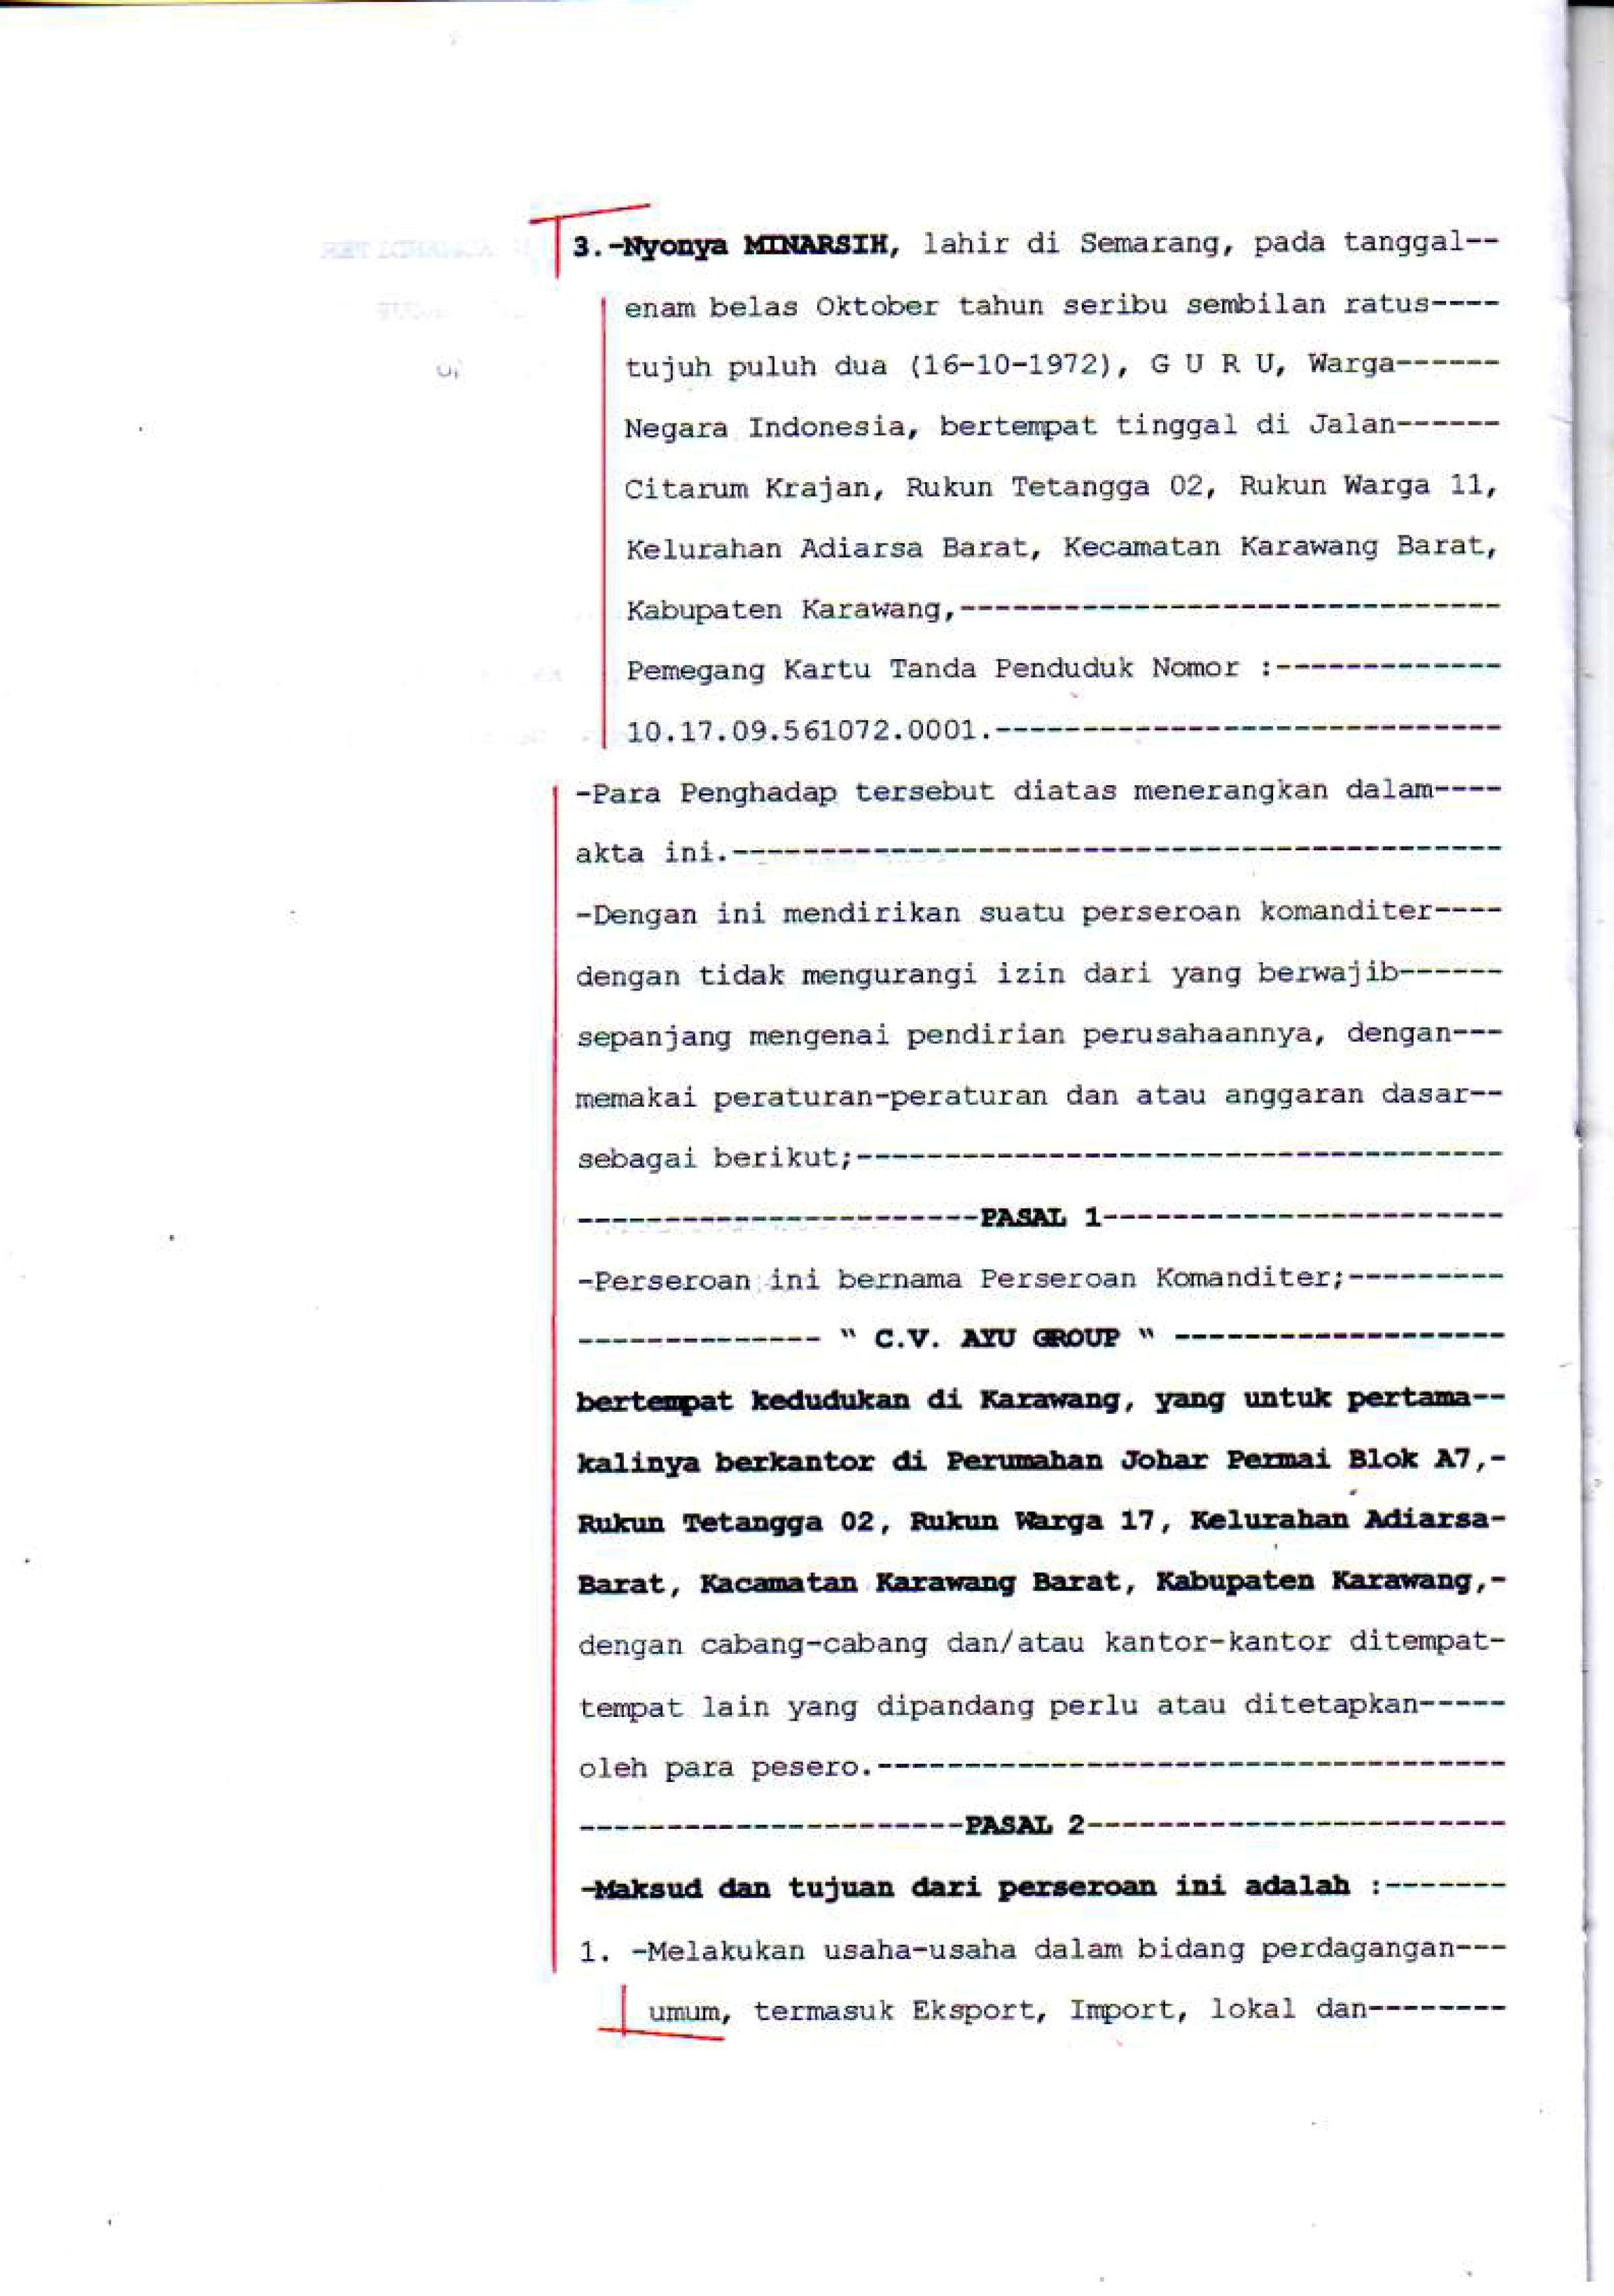 Dokumen Legalitas CV Ayu Group AKta Notaris 3